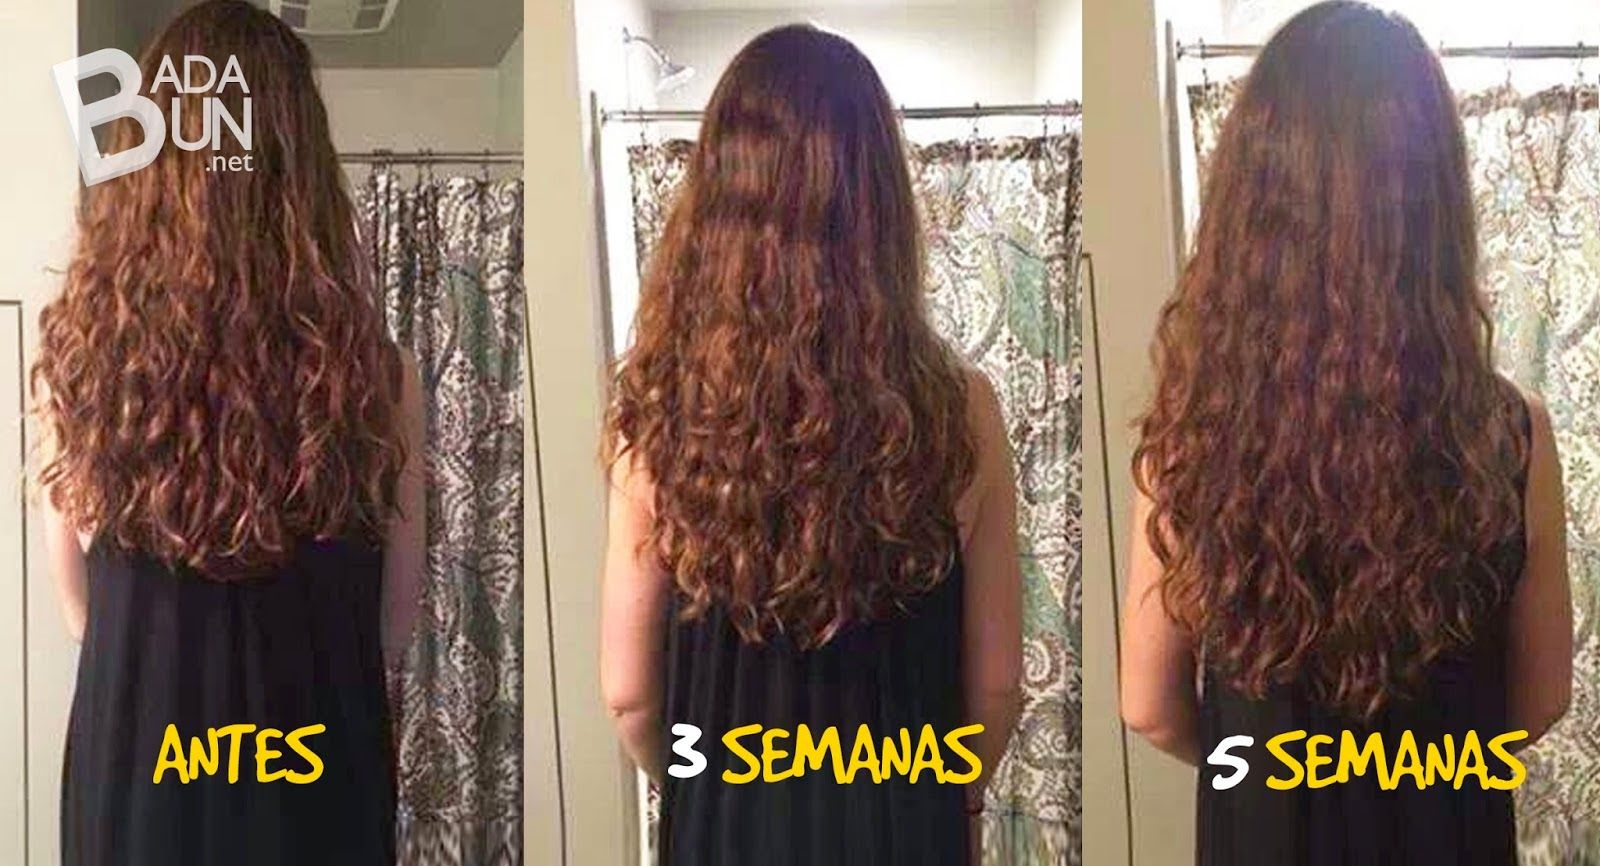 Los medios por la prevención del crecimiento de los cabello en el cuerpo